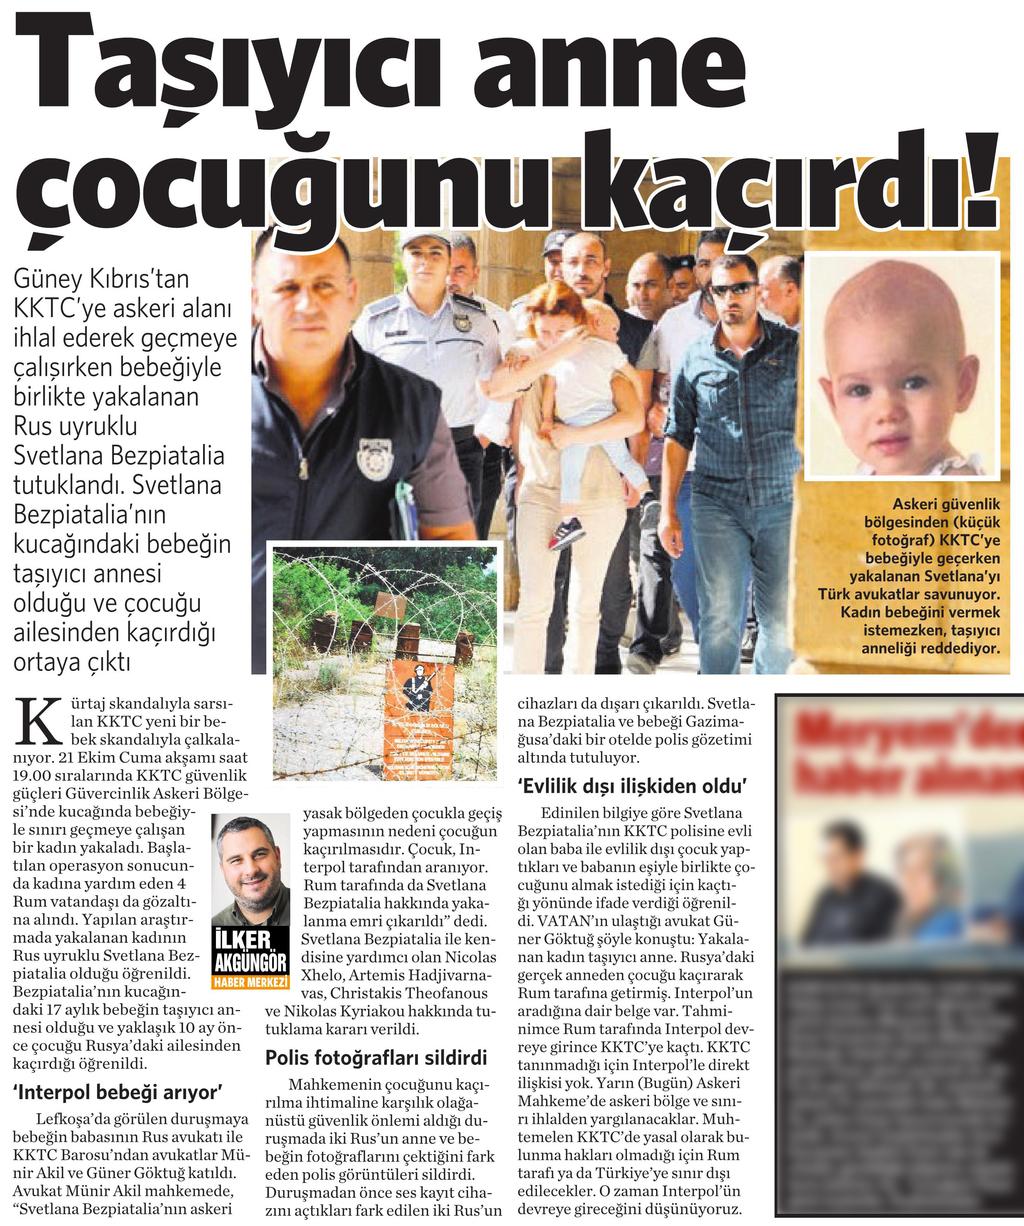 27 Ekim 2016 Vatan Gazetesi 11. sayfa